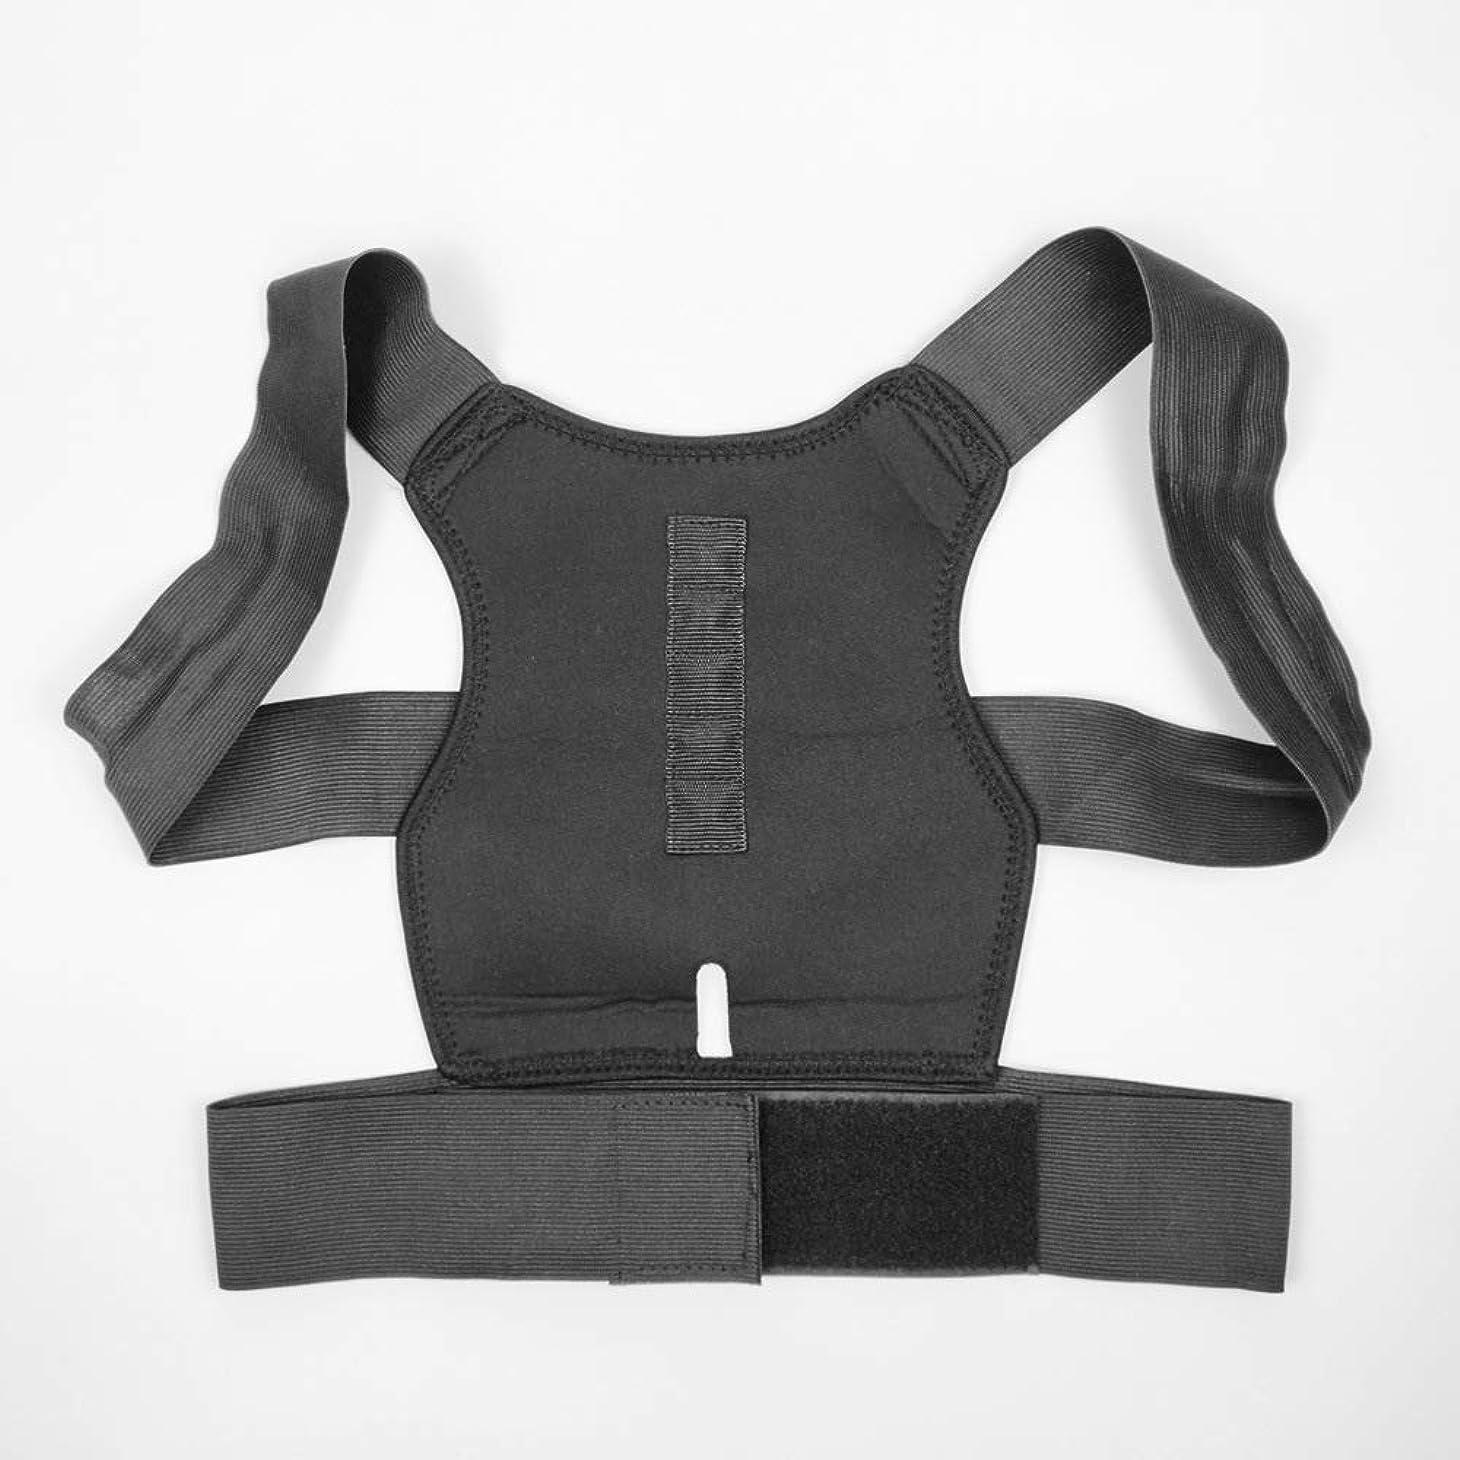 美徳折り目幻想姿勢矯正理学療法調節可能バックブレースサポート肩や首の痛みを軽減(ワンサイズ)